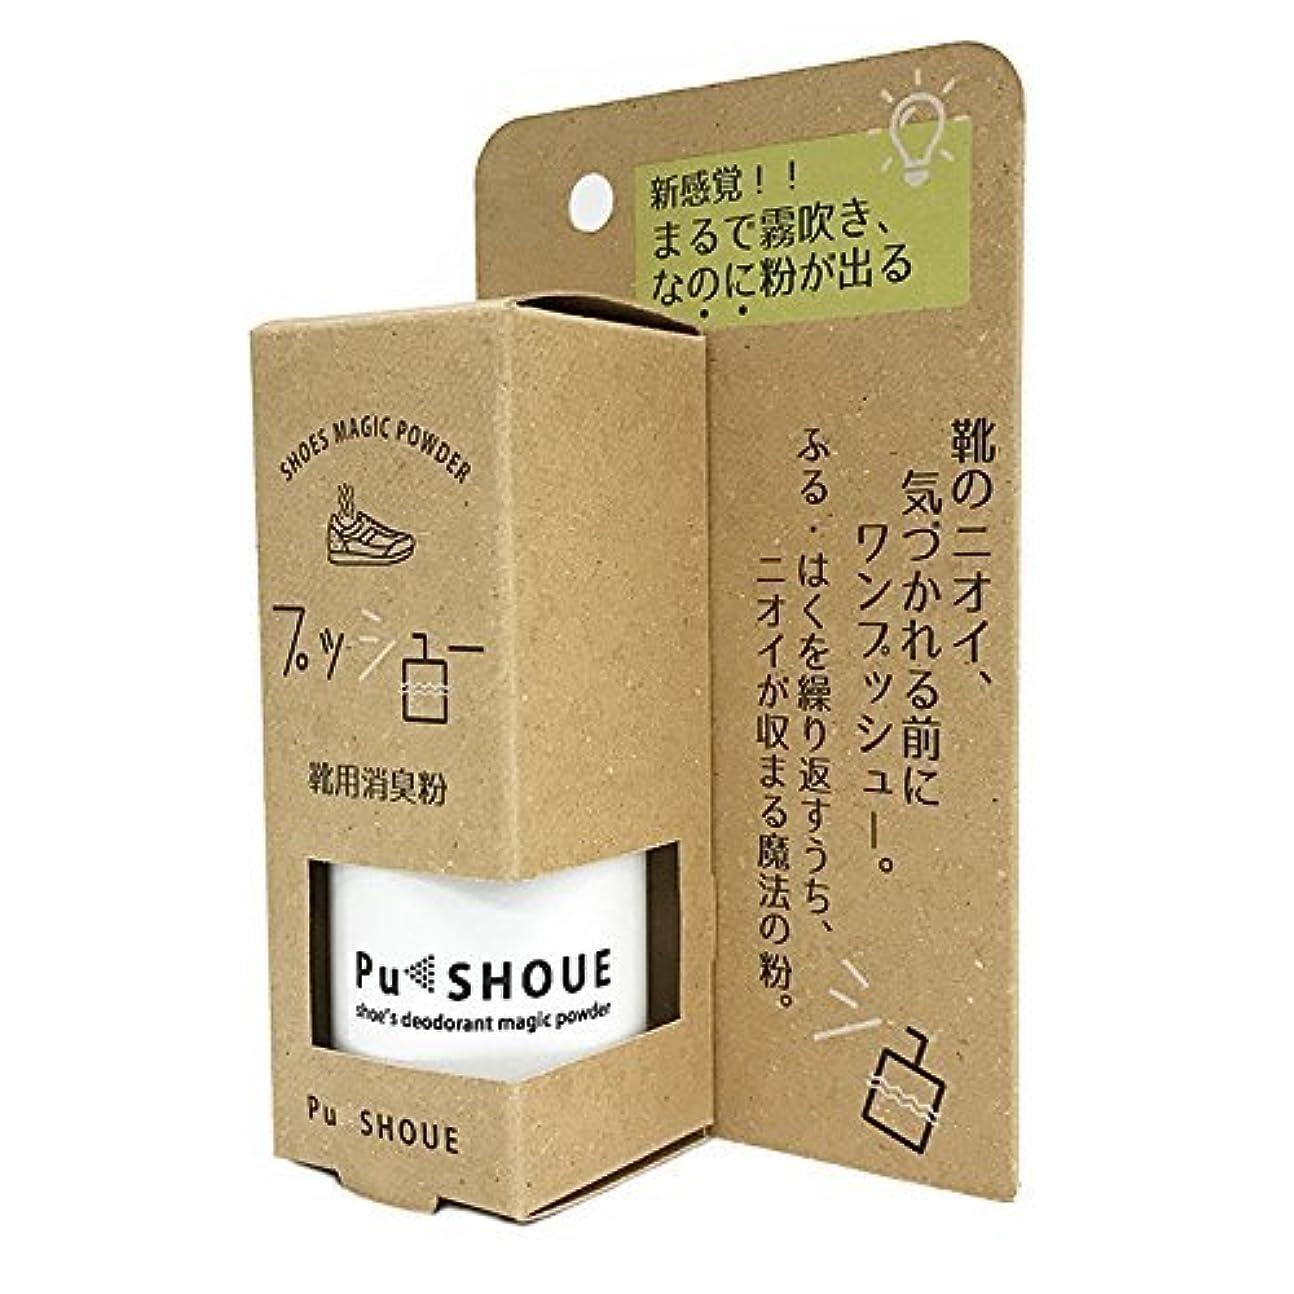 漫画肌ランチPu SHOUE プッシュー 無香料【スプレータイプで持ち運びOK 靴用消臭粉 1100回分】